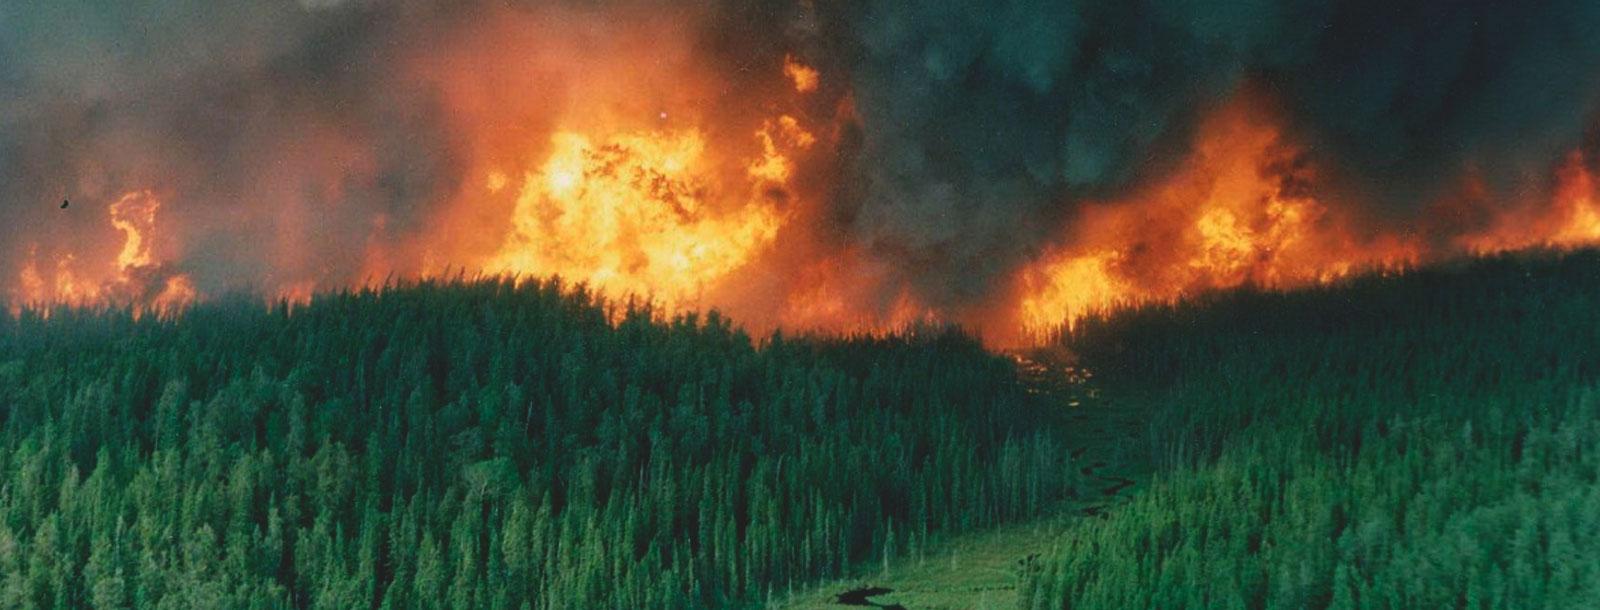 PuroPellet le dice no a los incendios forestales este verano